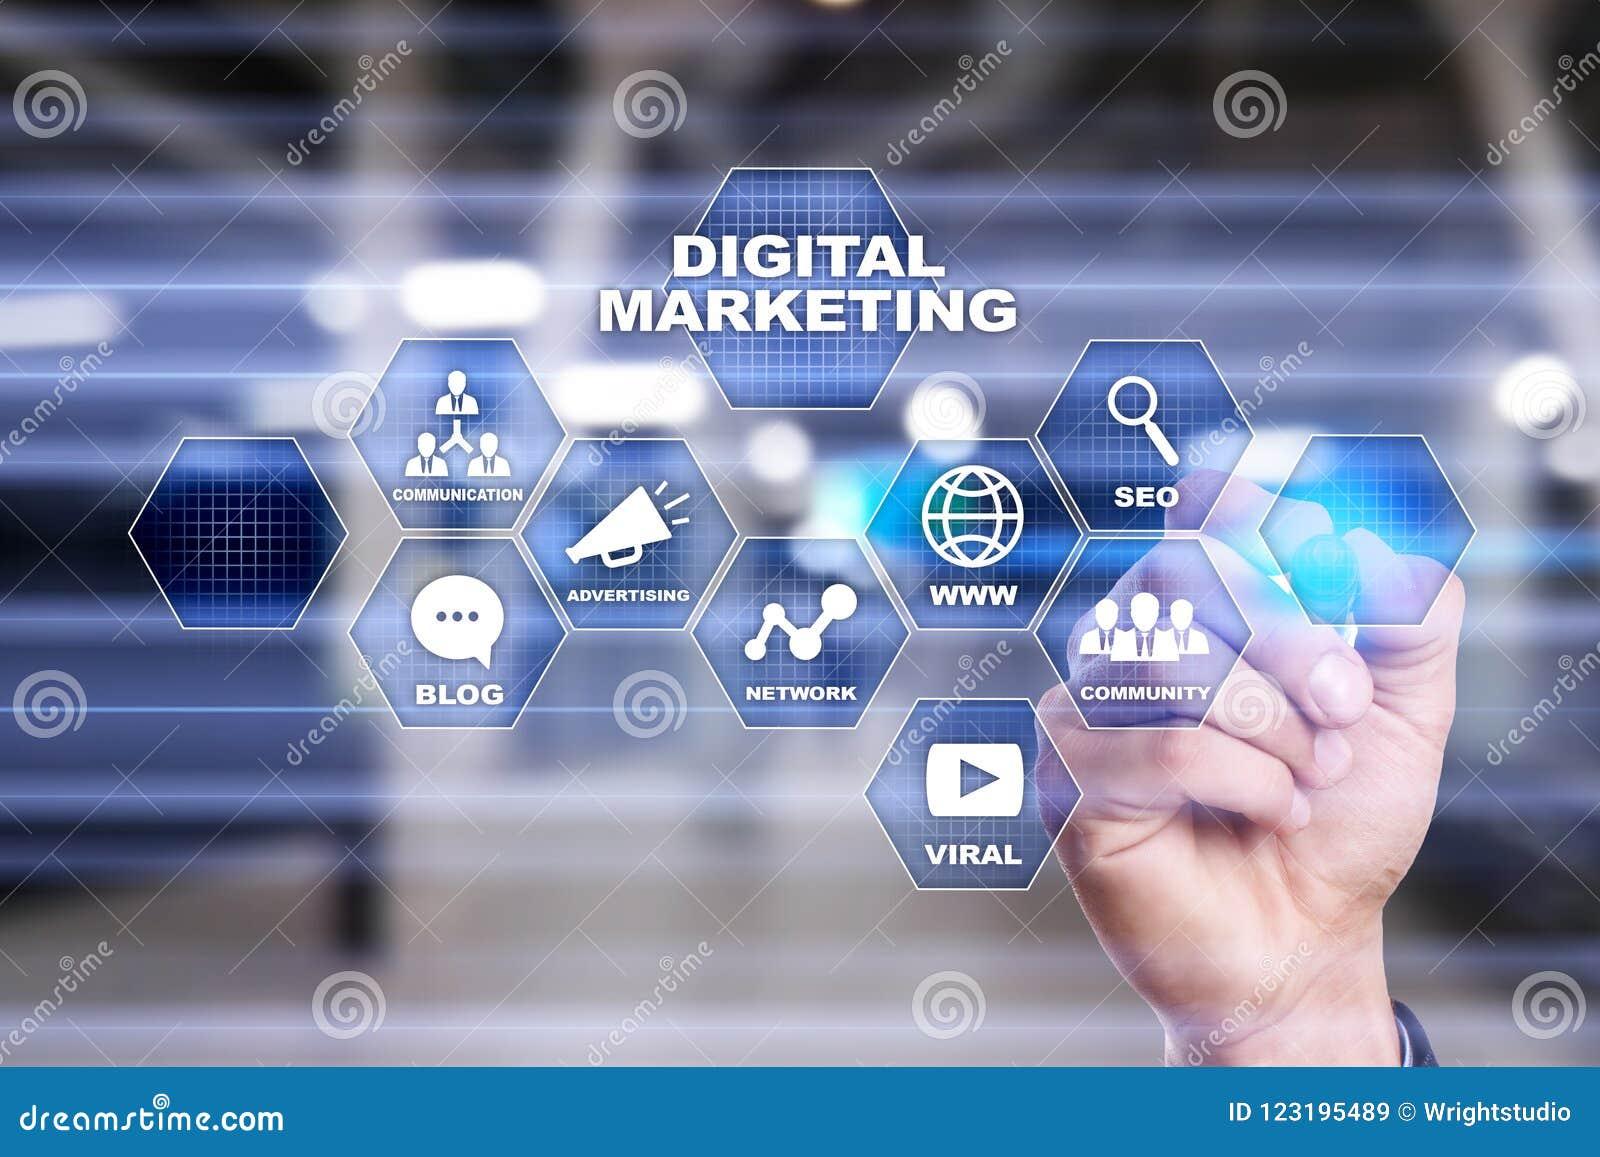 数字式营销技术概念 互联网 在网上 搜索引擎优化 SEO SMM 忠告